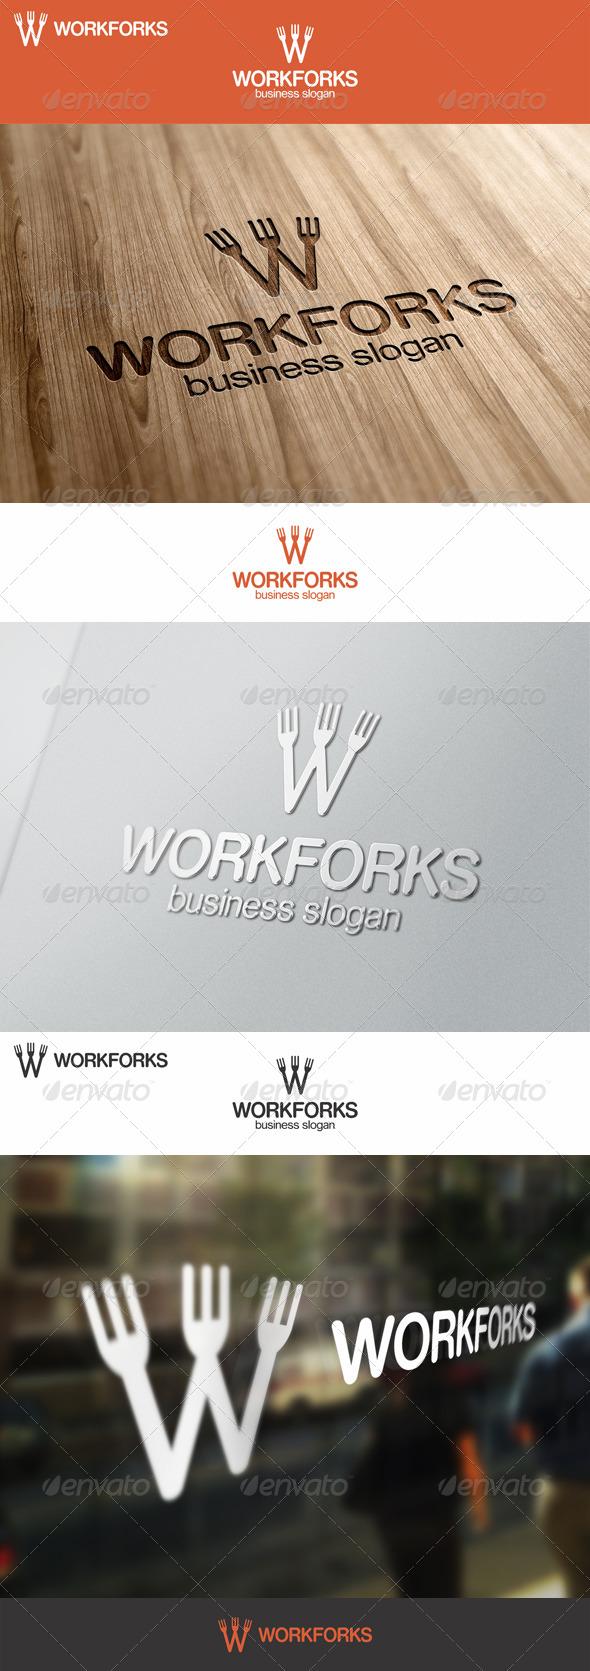 Work Forks Logo